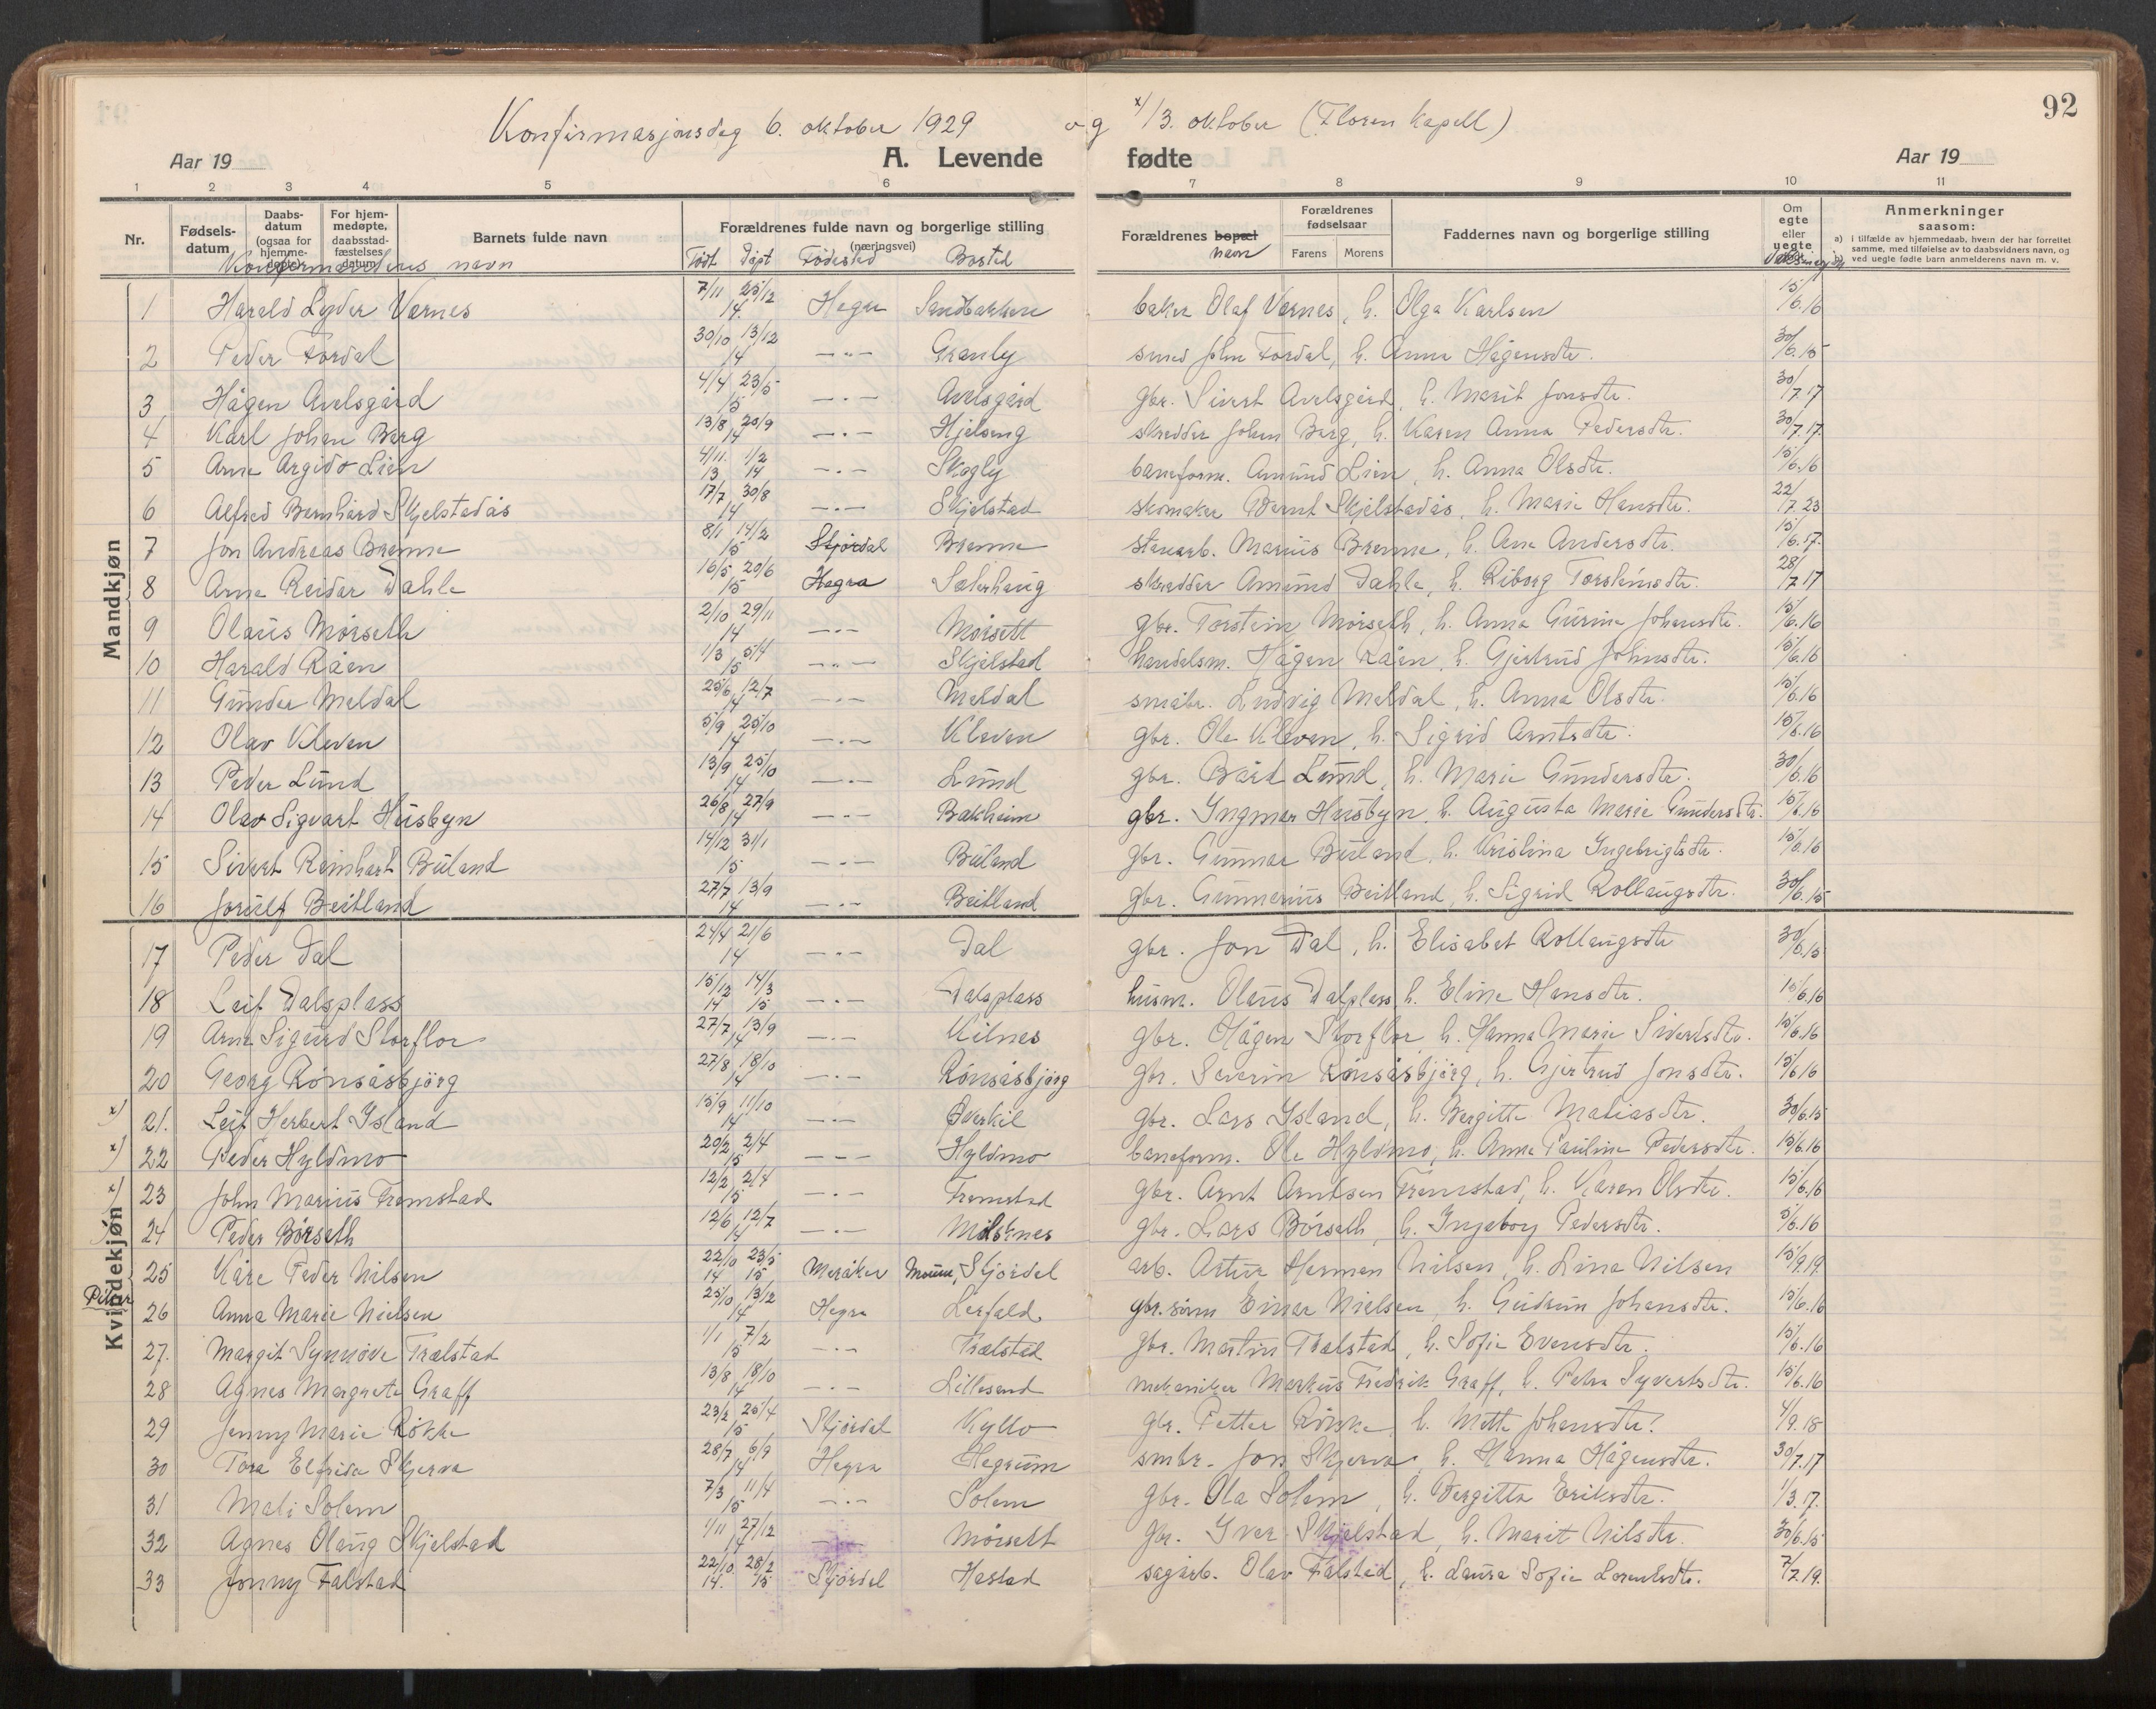 SAT, Ministerialprotokoller, klokkerbøker og fødselsregistre - Nord-Trøndelag, 703/L0037: Parish register (official) no. 703A10, 1915-1932, p. 92